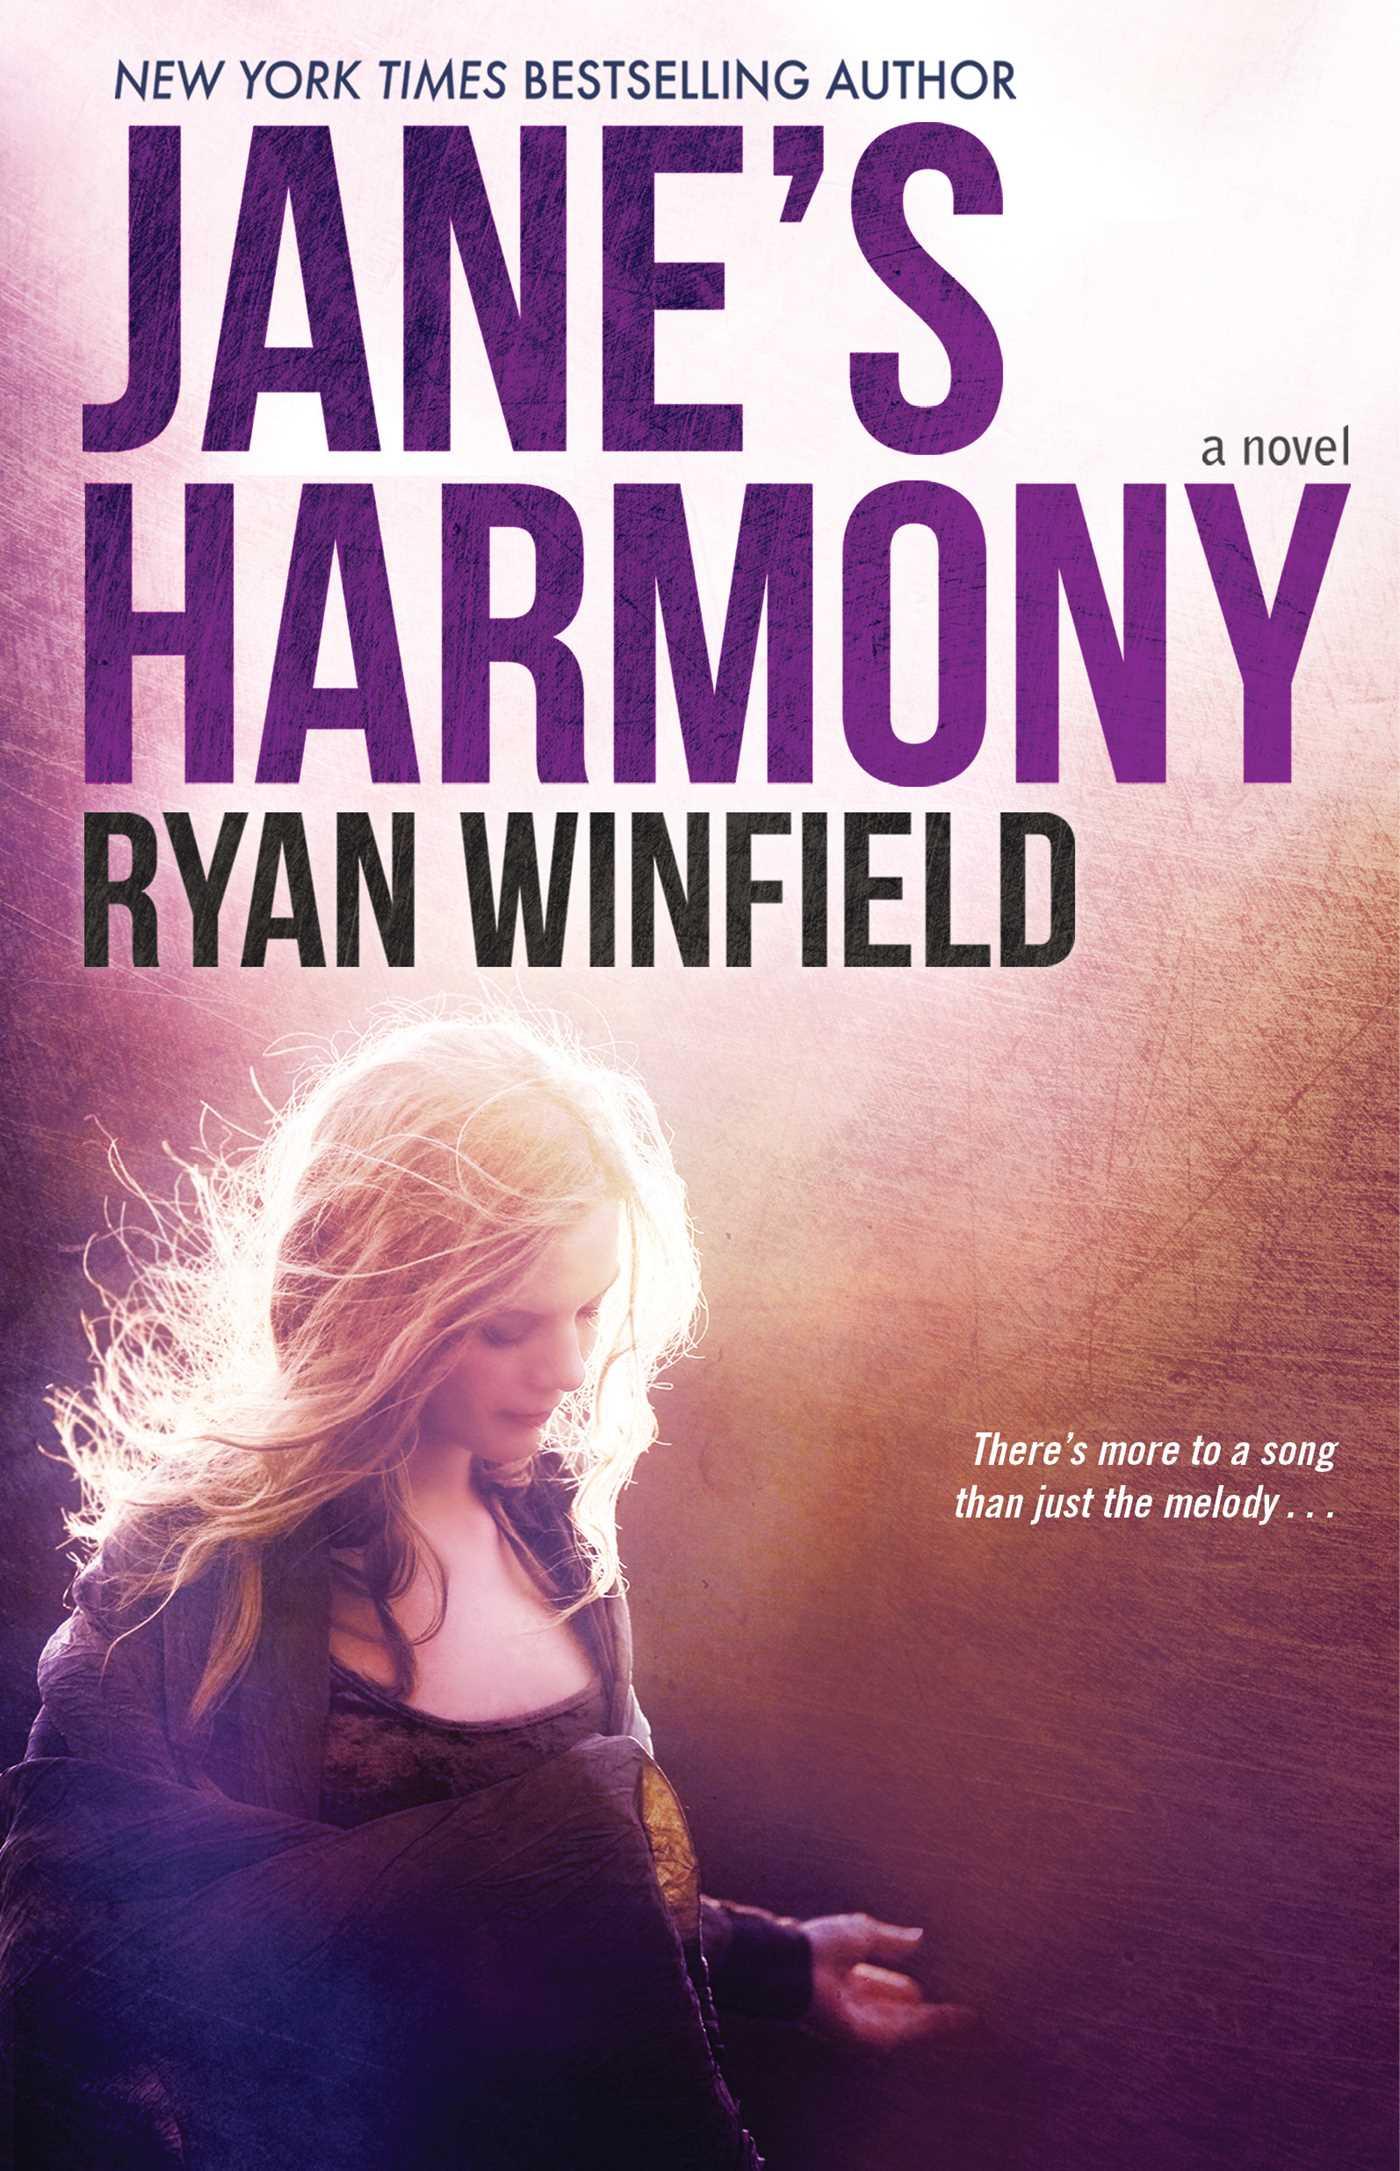 Janes harmony 9781476771267 hr